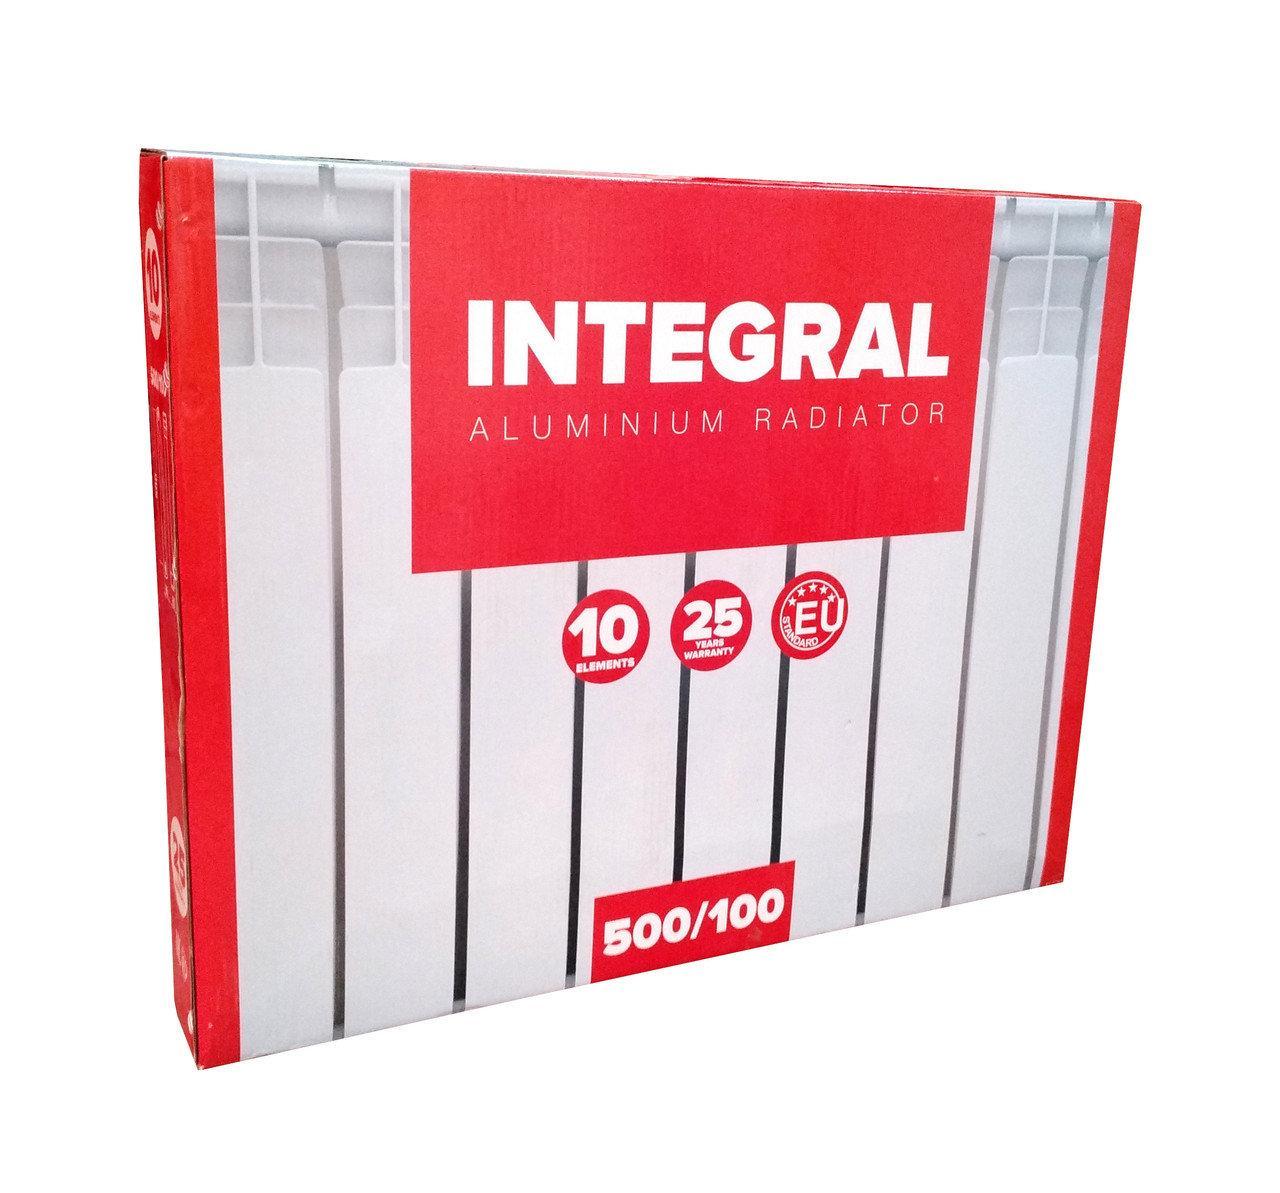 Алюминиевый радиатор Integral 500/100